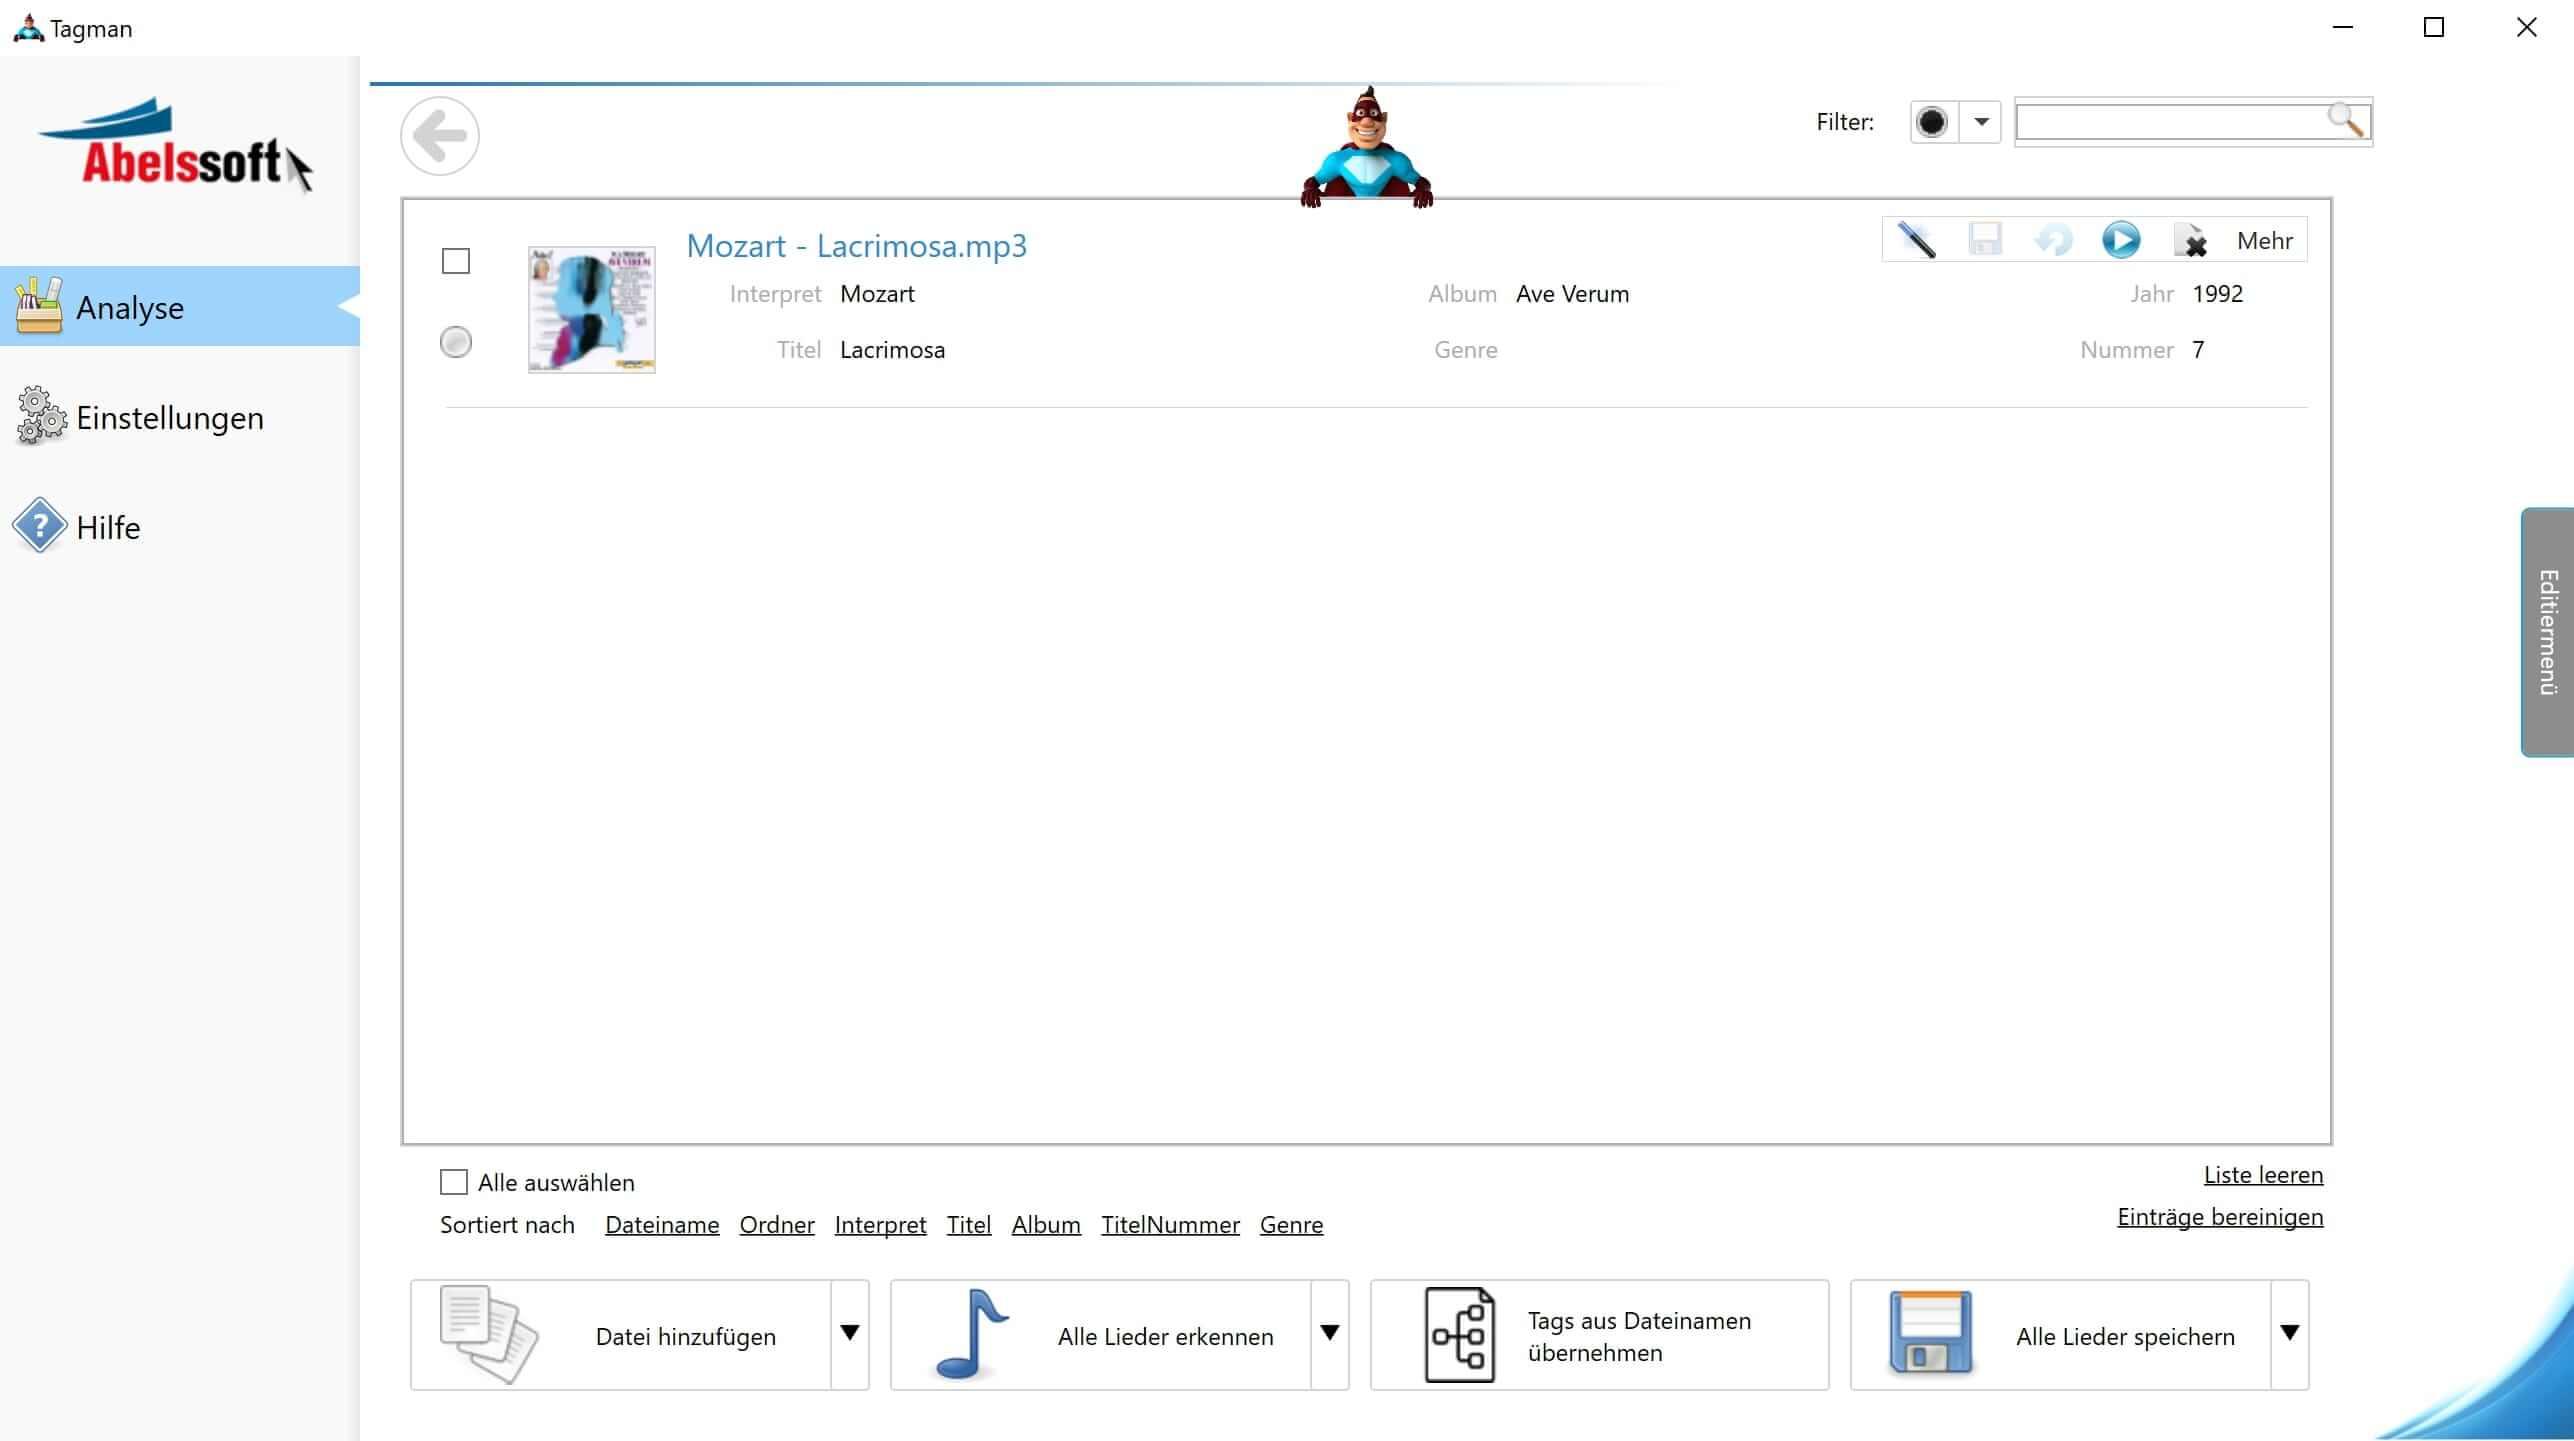 MP3 Interpret und Titel bearbeiten - ID3 erfolgreich geändert